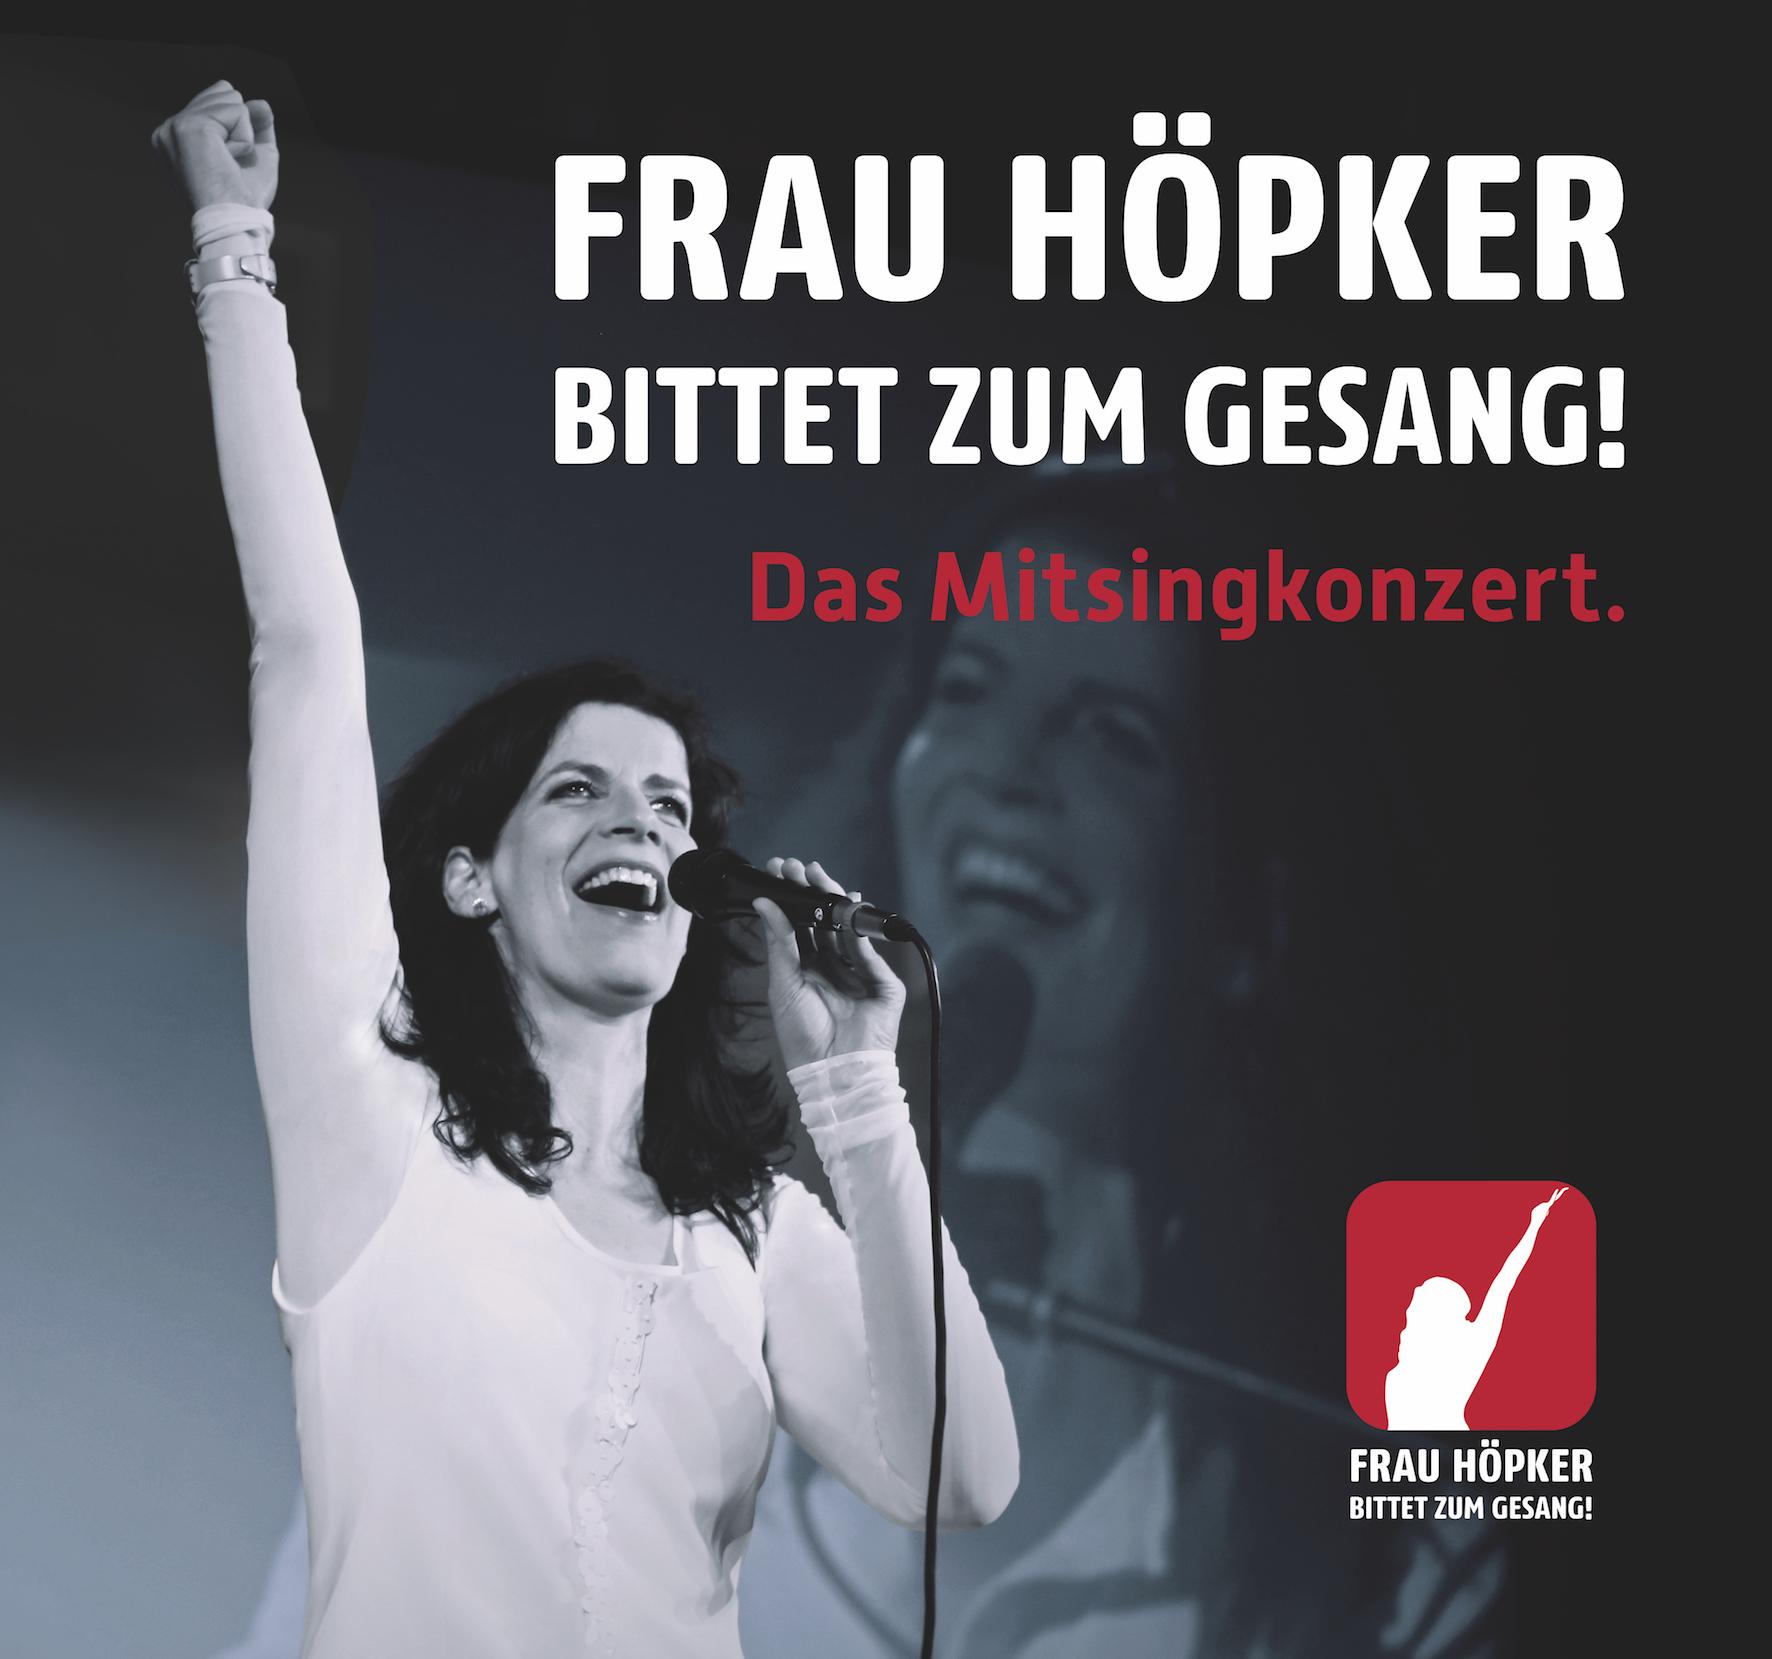 Frau Höpker bittet zum Gesang!